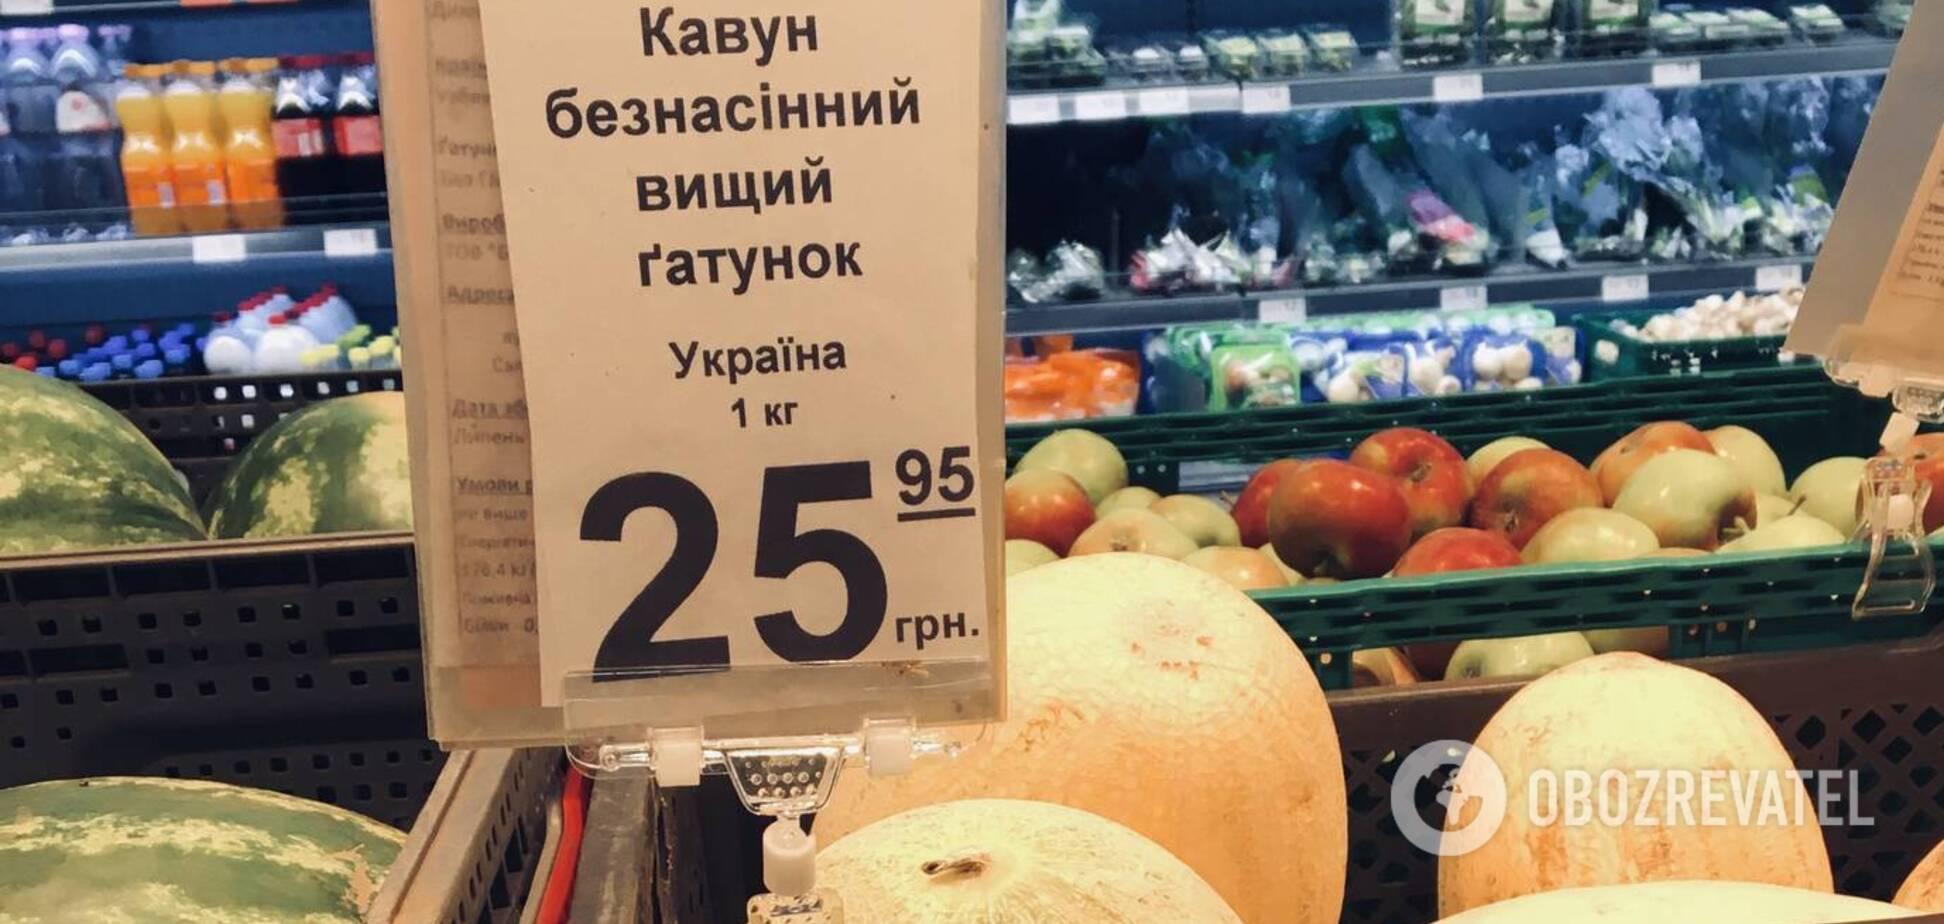 Ціни на фрукти в Дніпрі вражають: чому так дорого